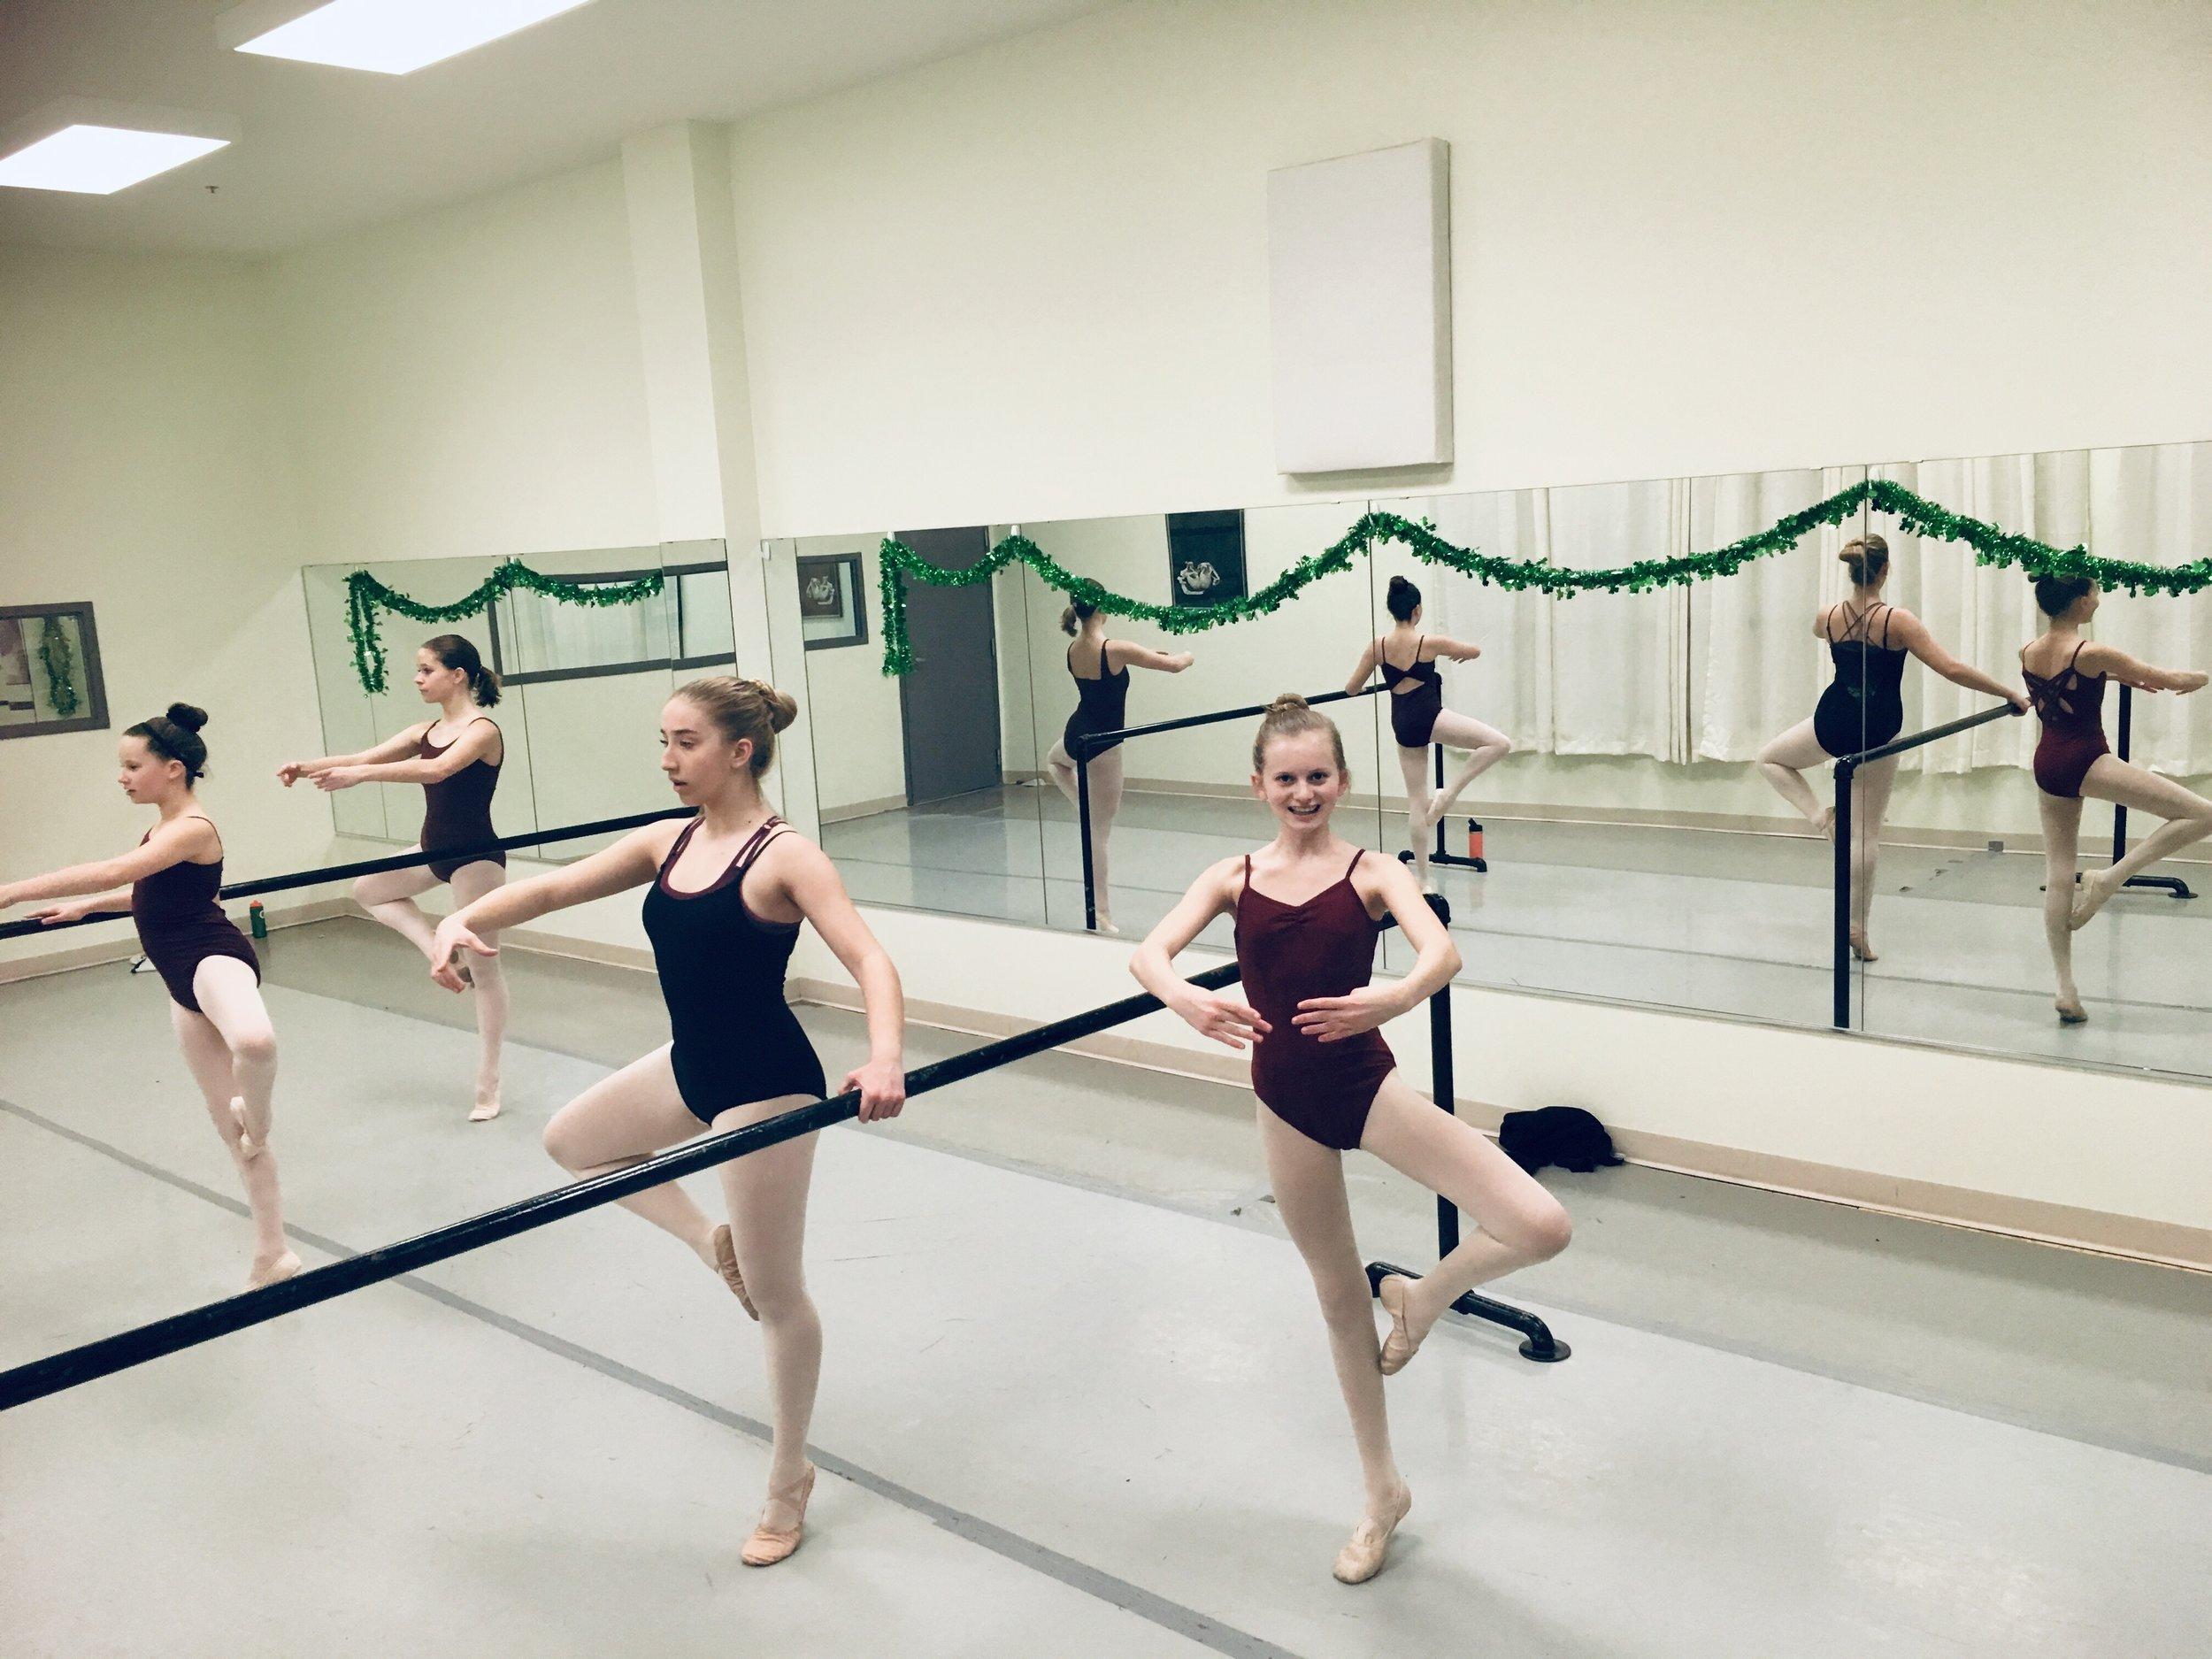 Dancers at our Sun Prairie location within the Sun Prairie Ice Arena at 838 Grove Street Sun Prairie.